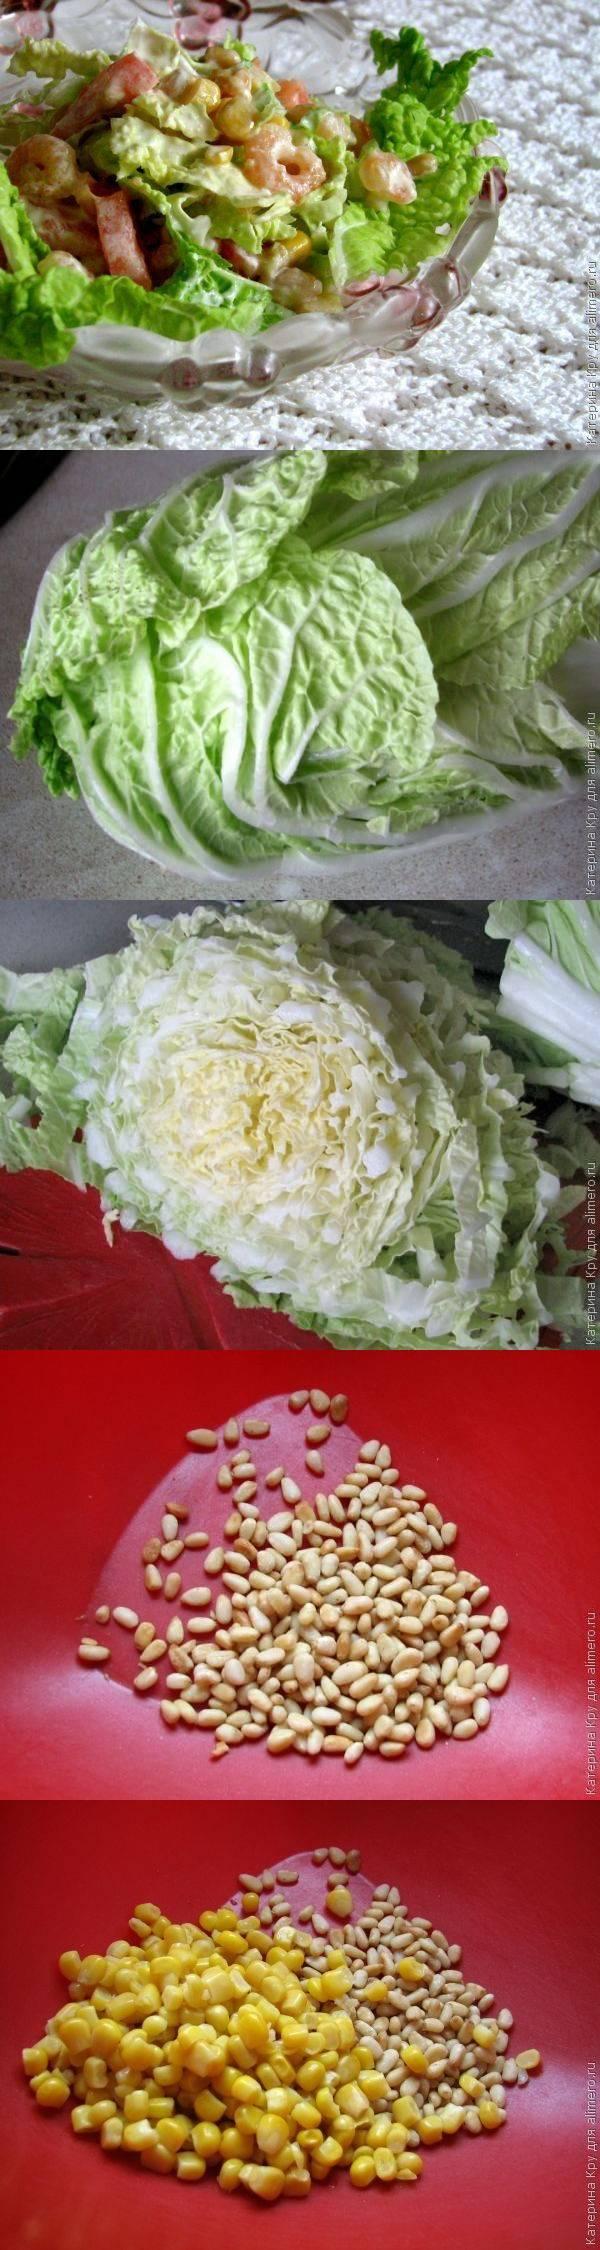 В какие салаты добавляют кедровые орешки